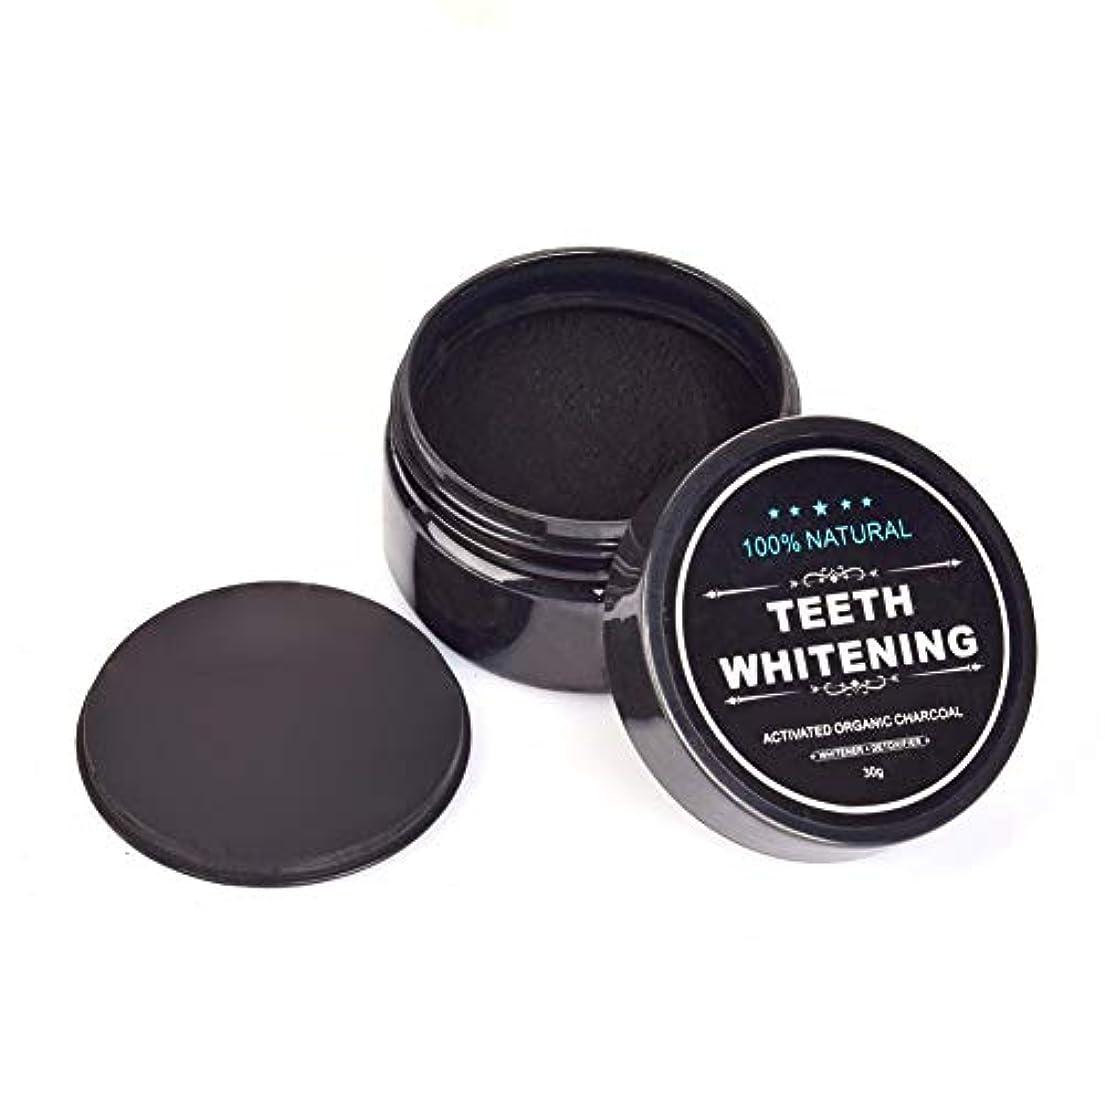 酸化物奪う記念SILUN チャコールホワイトニング 歯 ホワイトニング チャコール型 マイクロパウダー 歯 ホワイトニング 食べれる活性炭 竹炭 歯を白くする歯磨き粉 活性炭パウダー